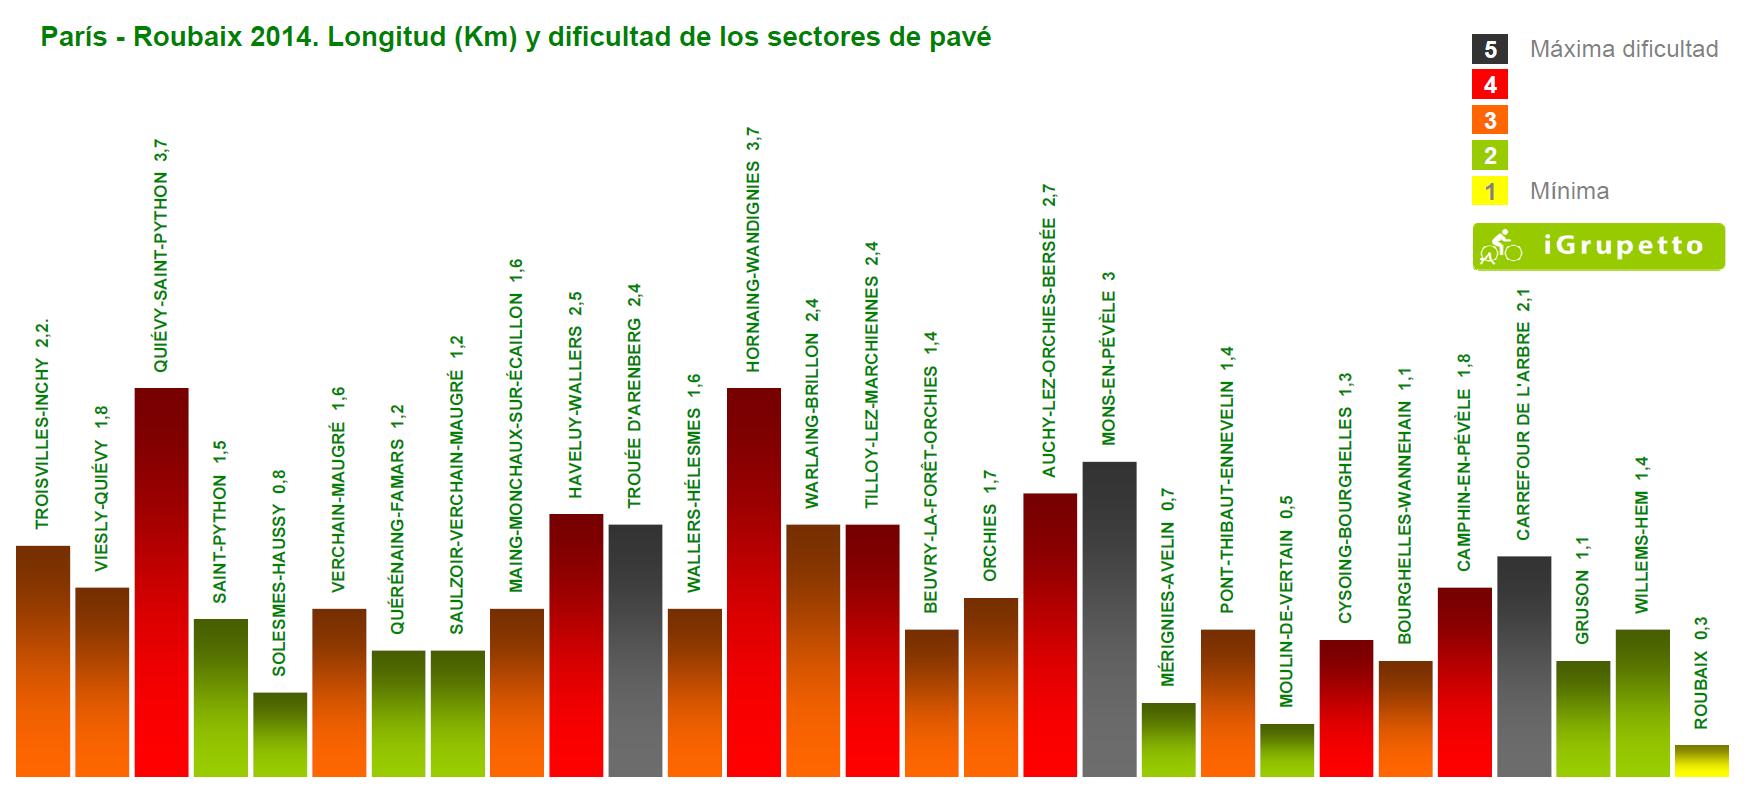 Sectores de pave